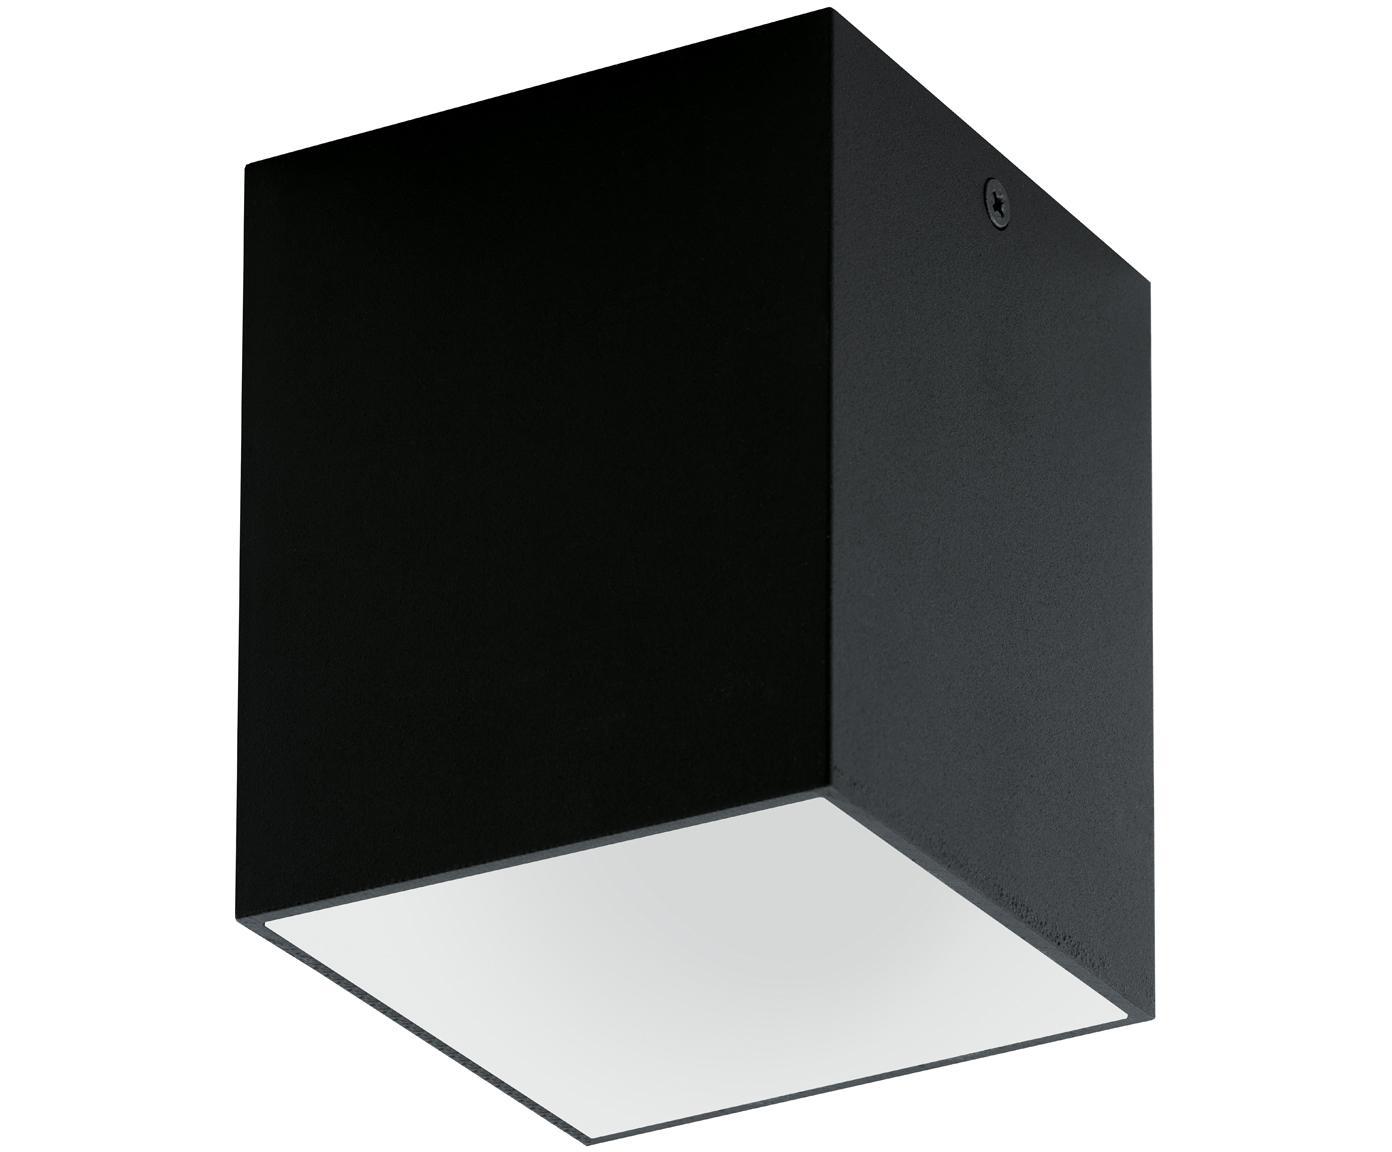 Lampa spot LED Marty, Metal malowany proszkowo, Czarny, biały, S 10 x W 12 cm